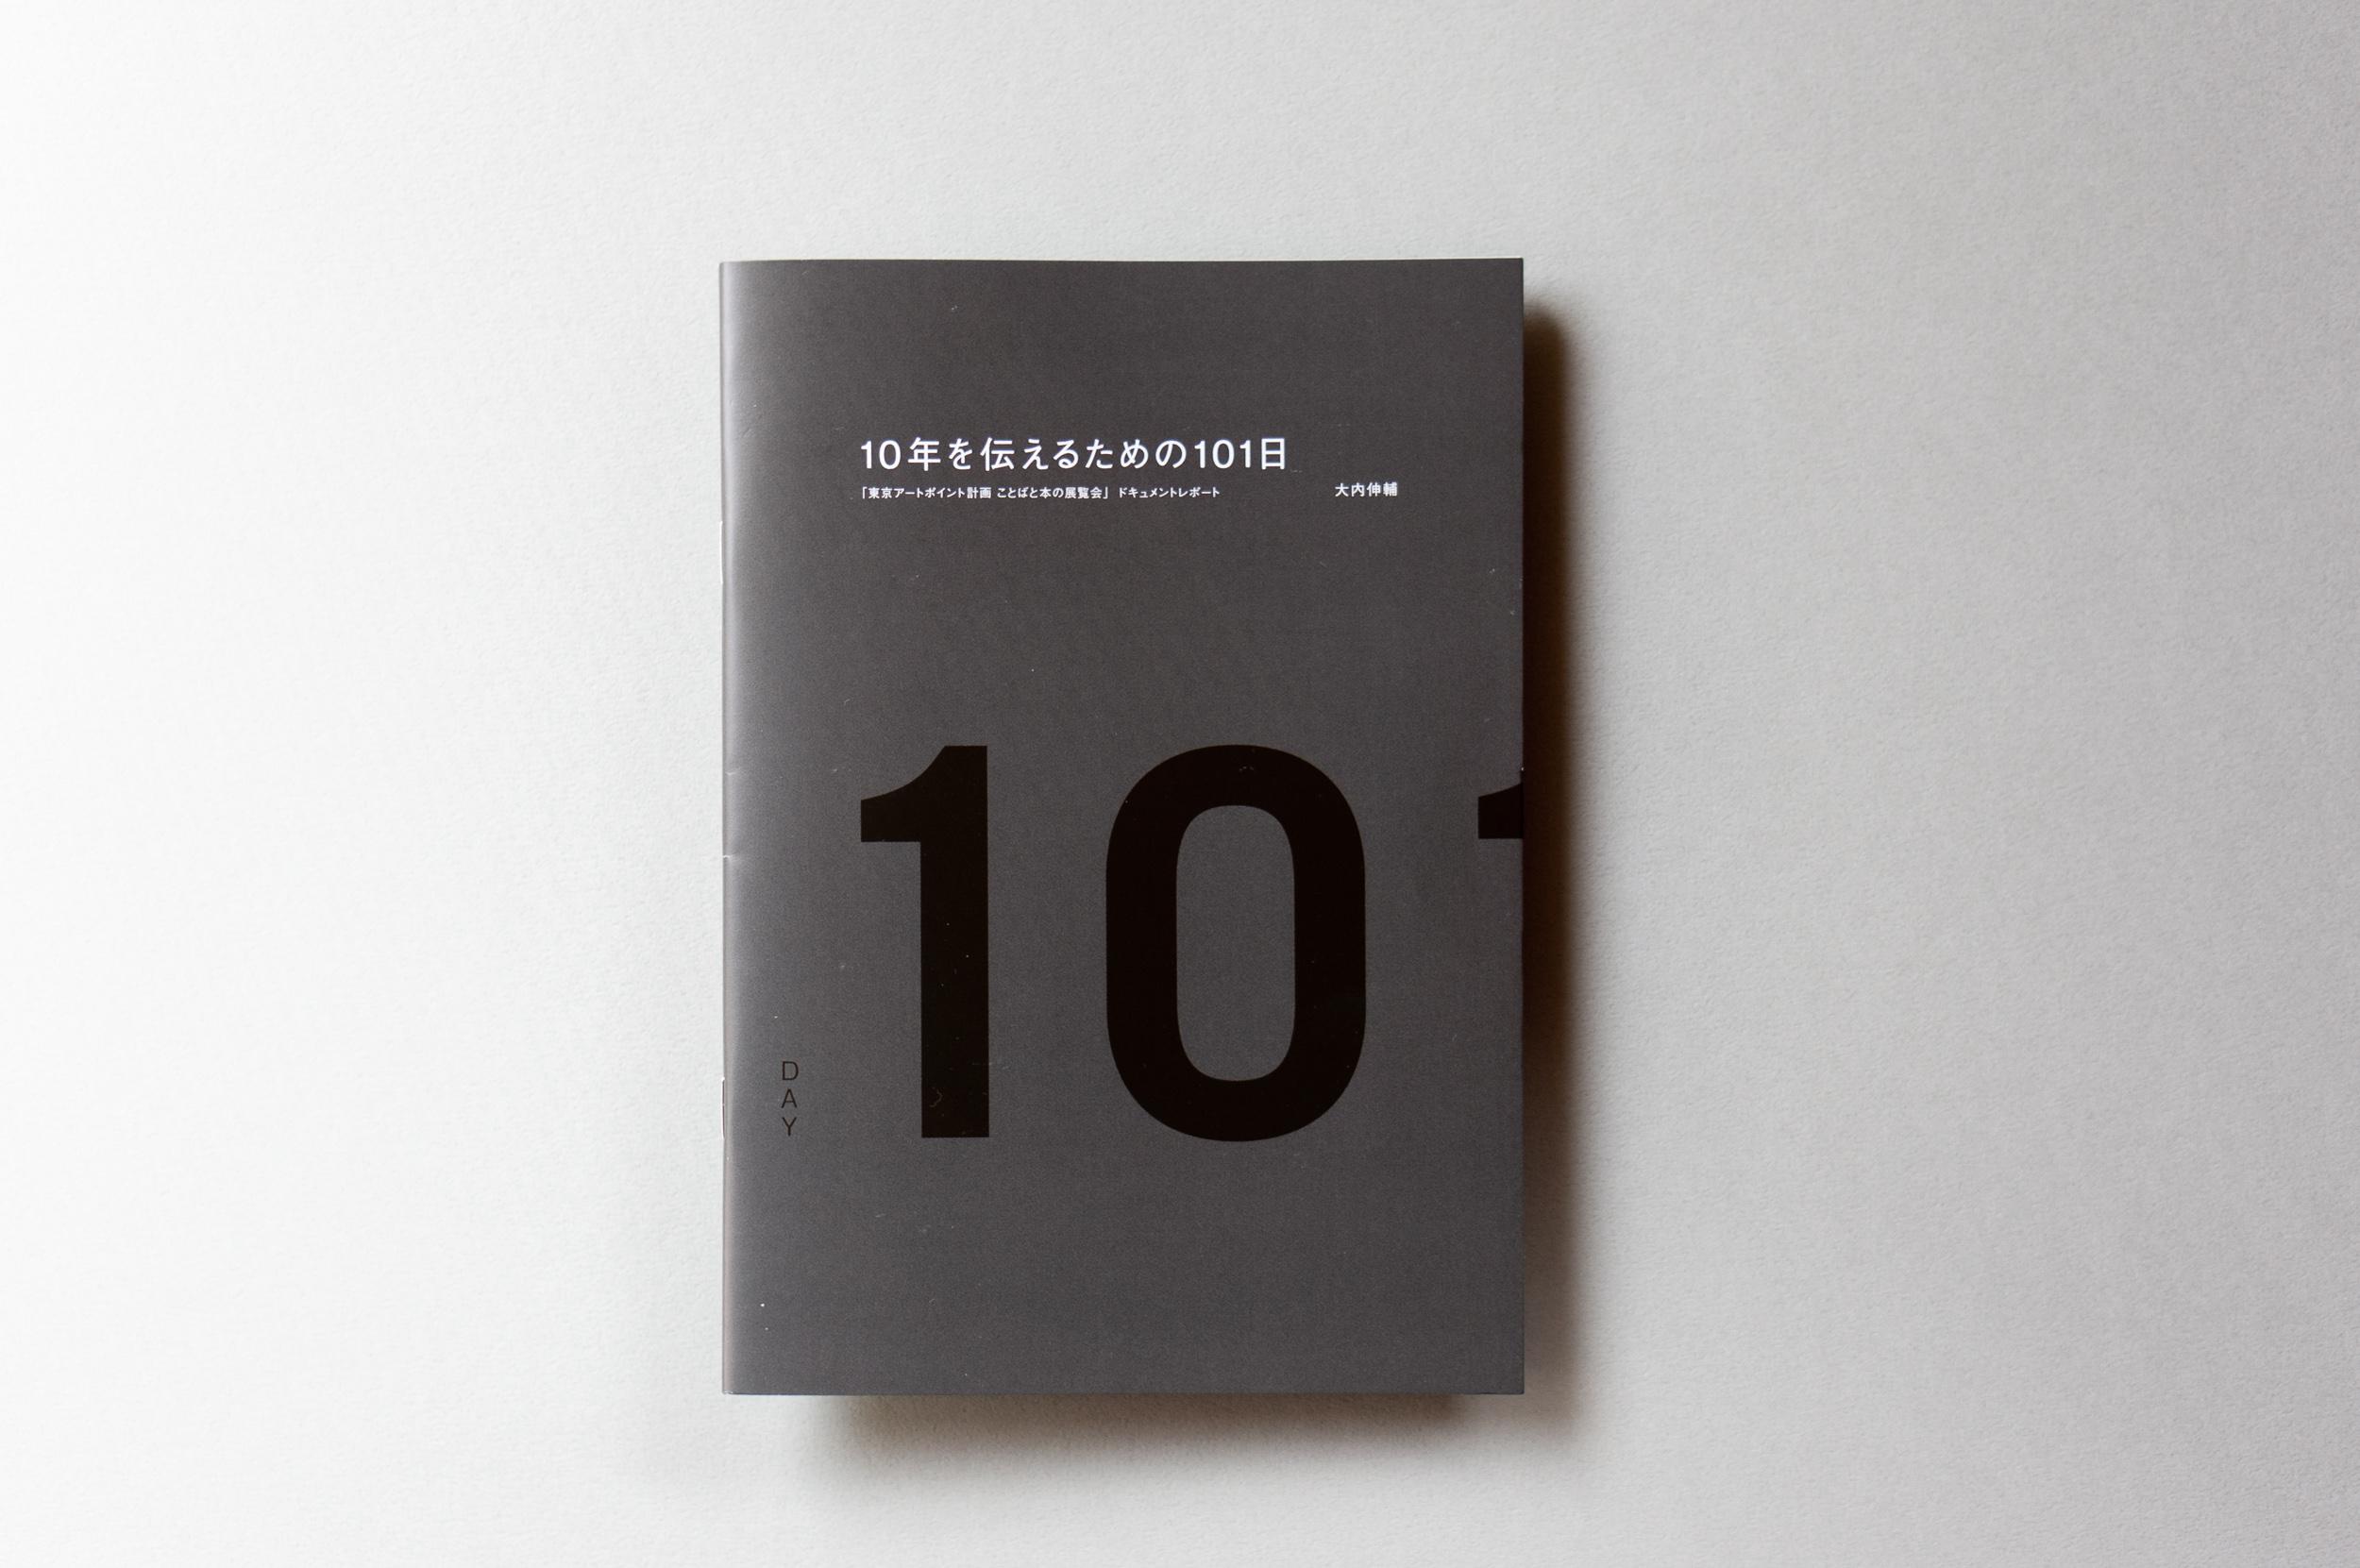 『10年を伝えるための101日』